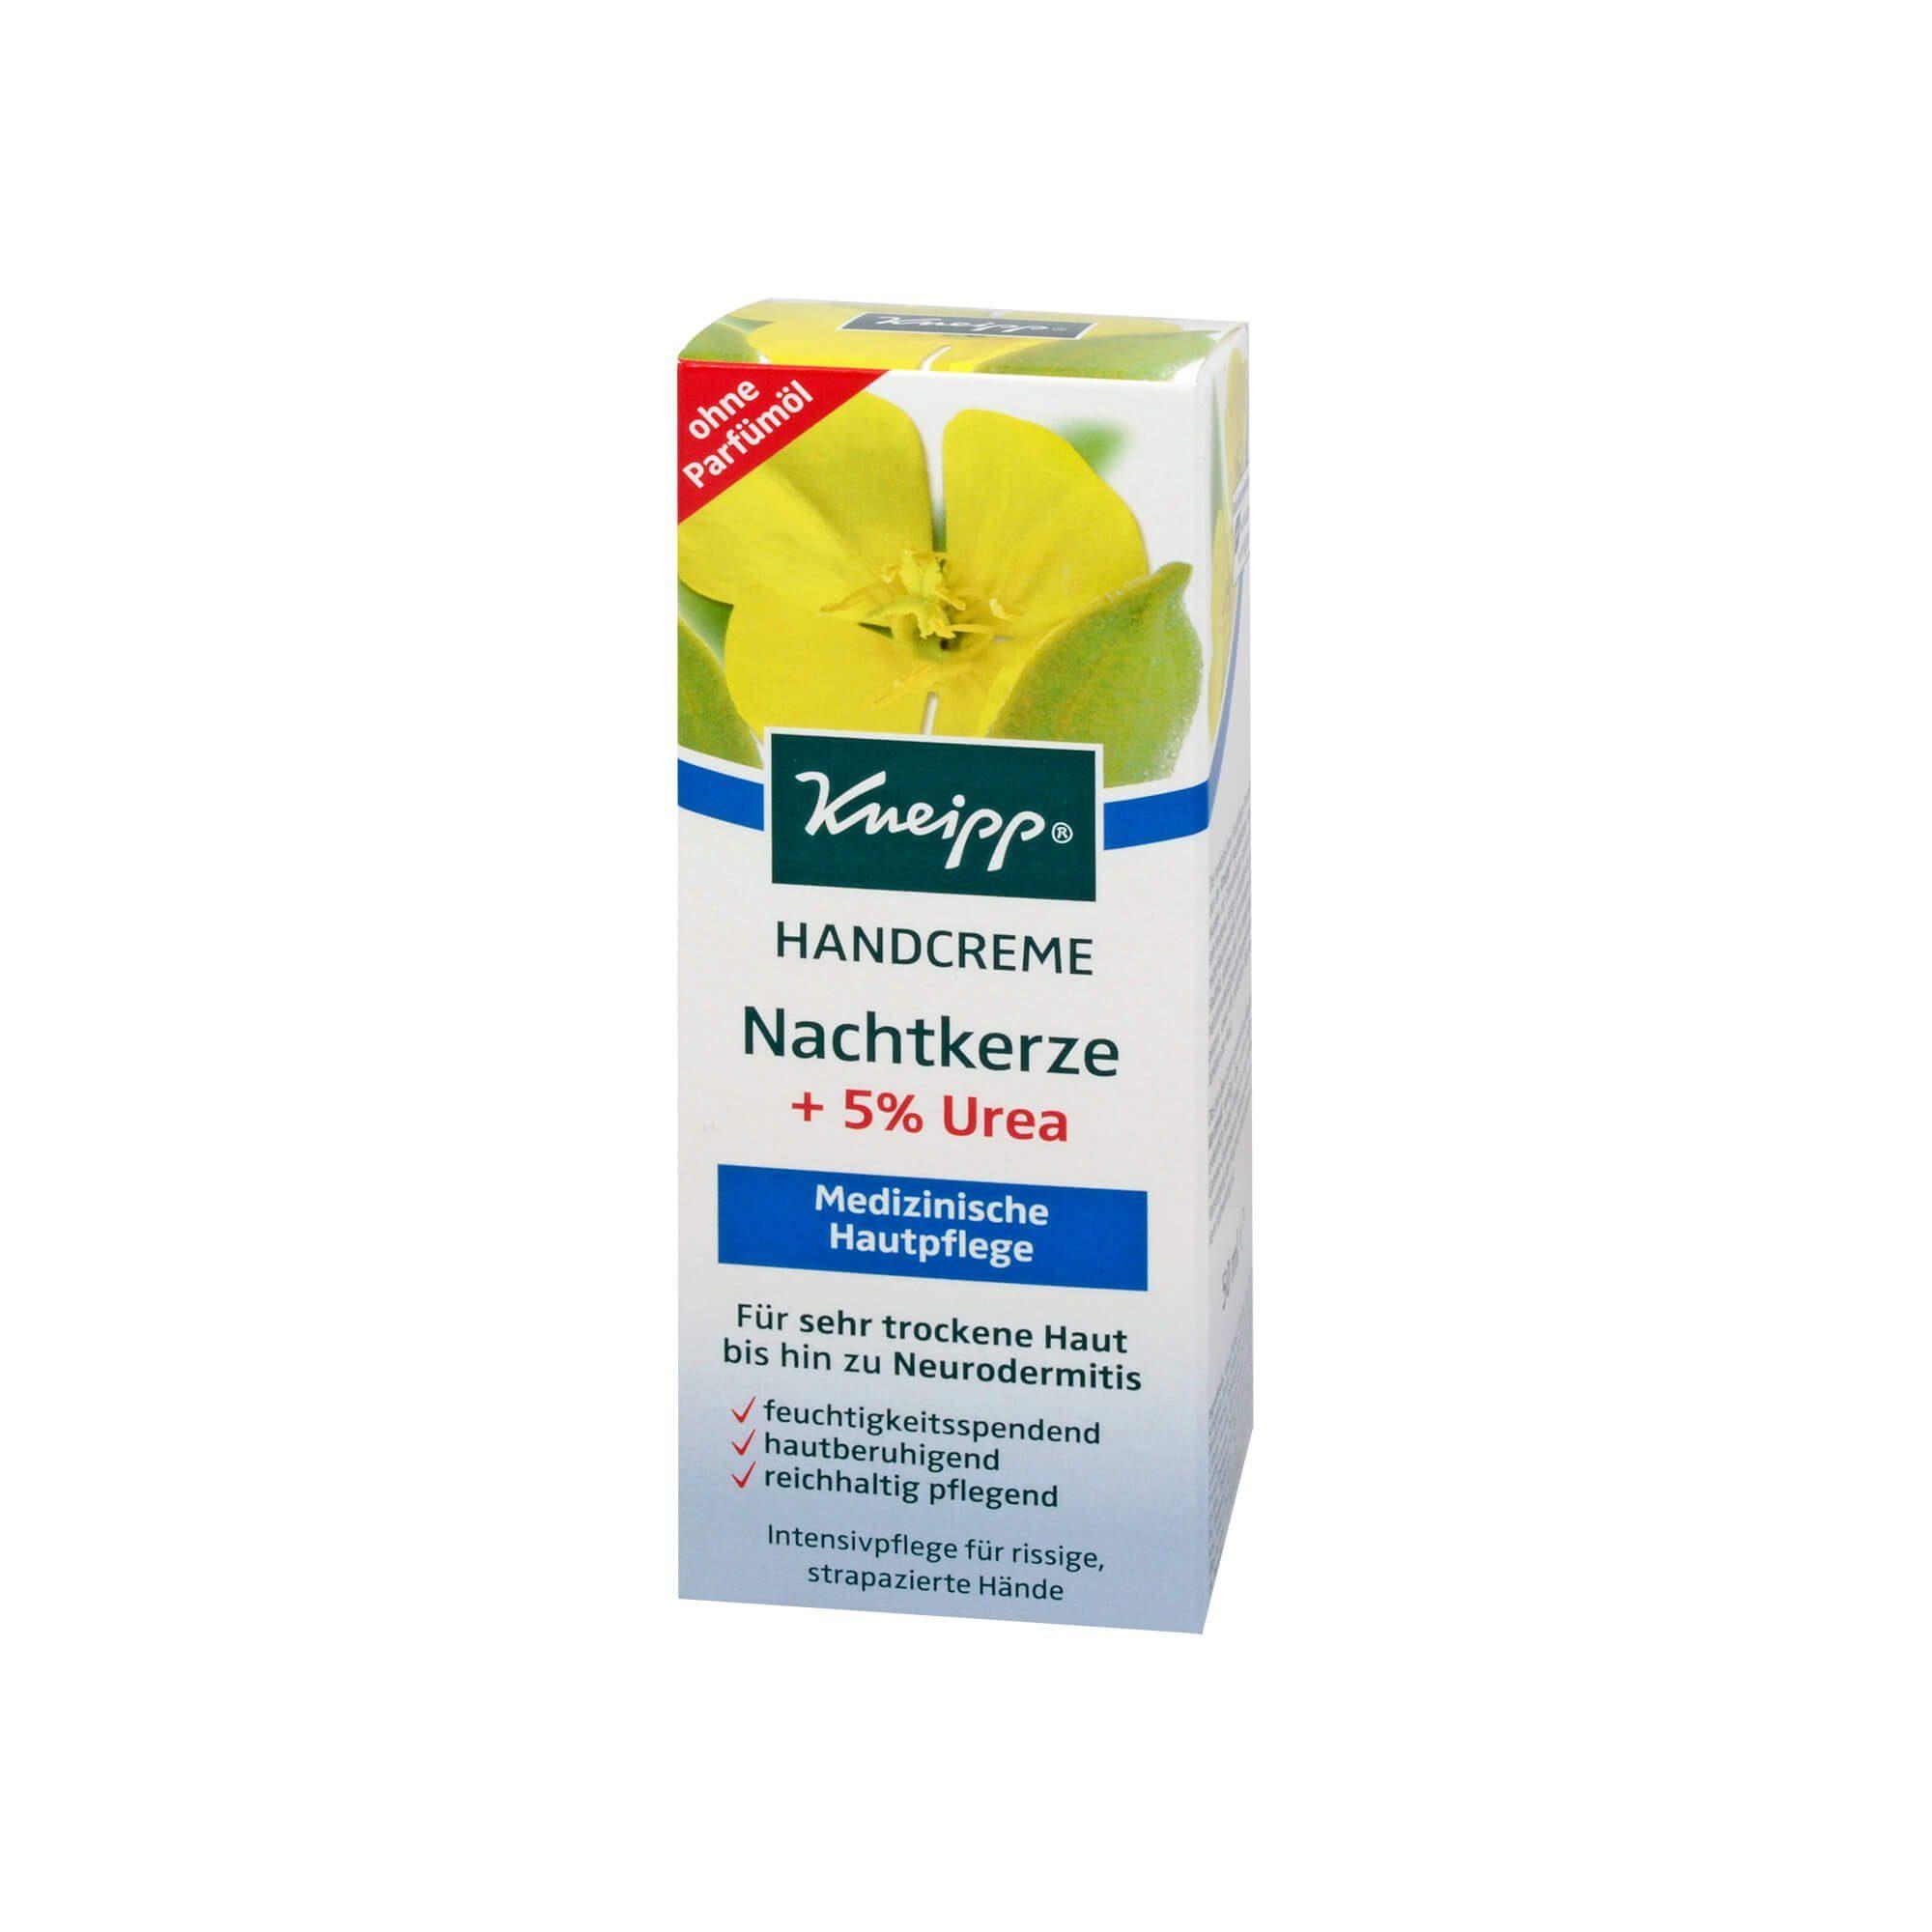 Kneipp Handcreme Nachtkerze+5% Urea , 50 ml